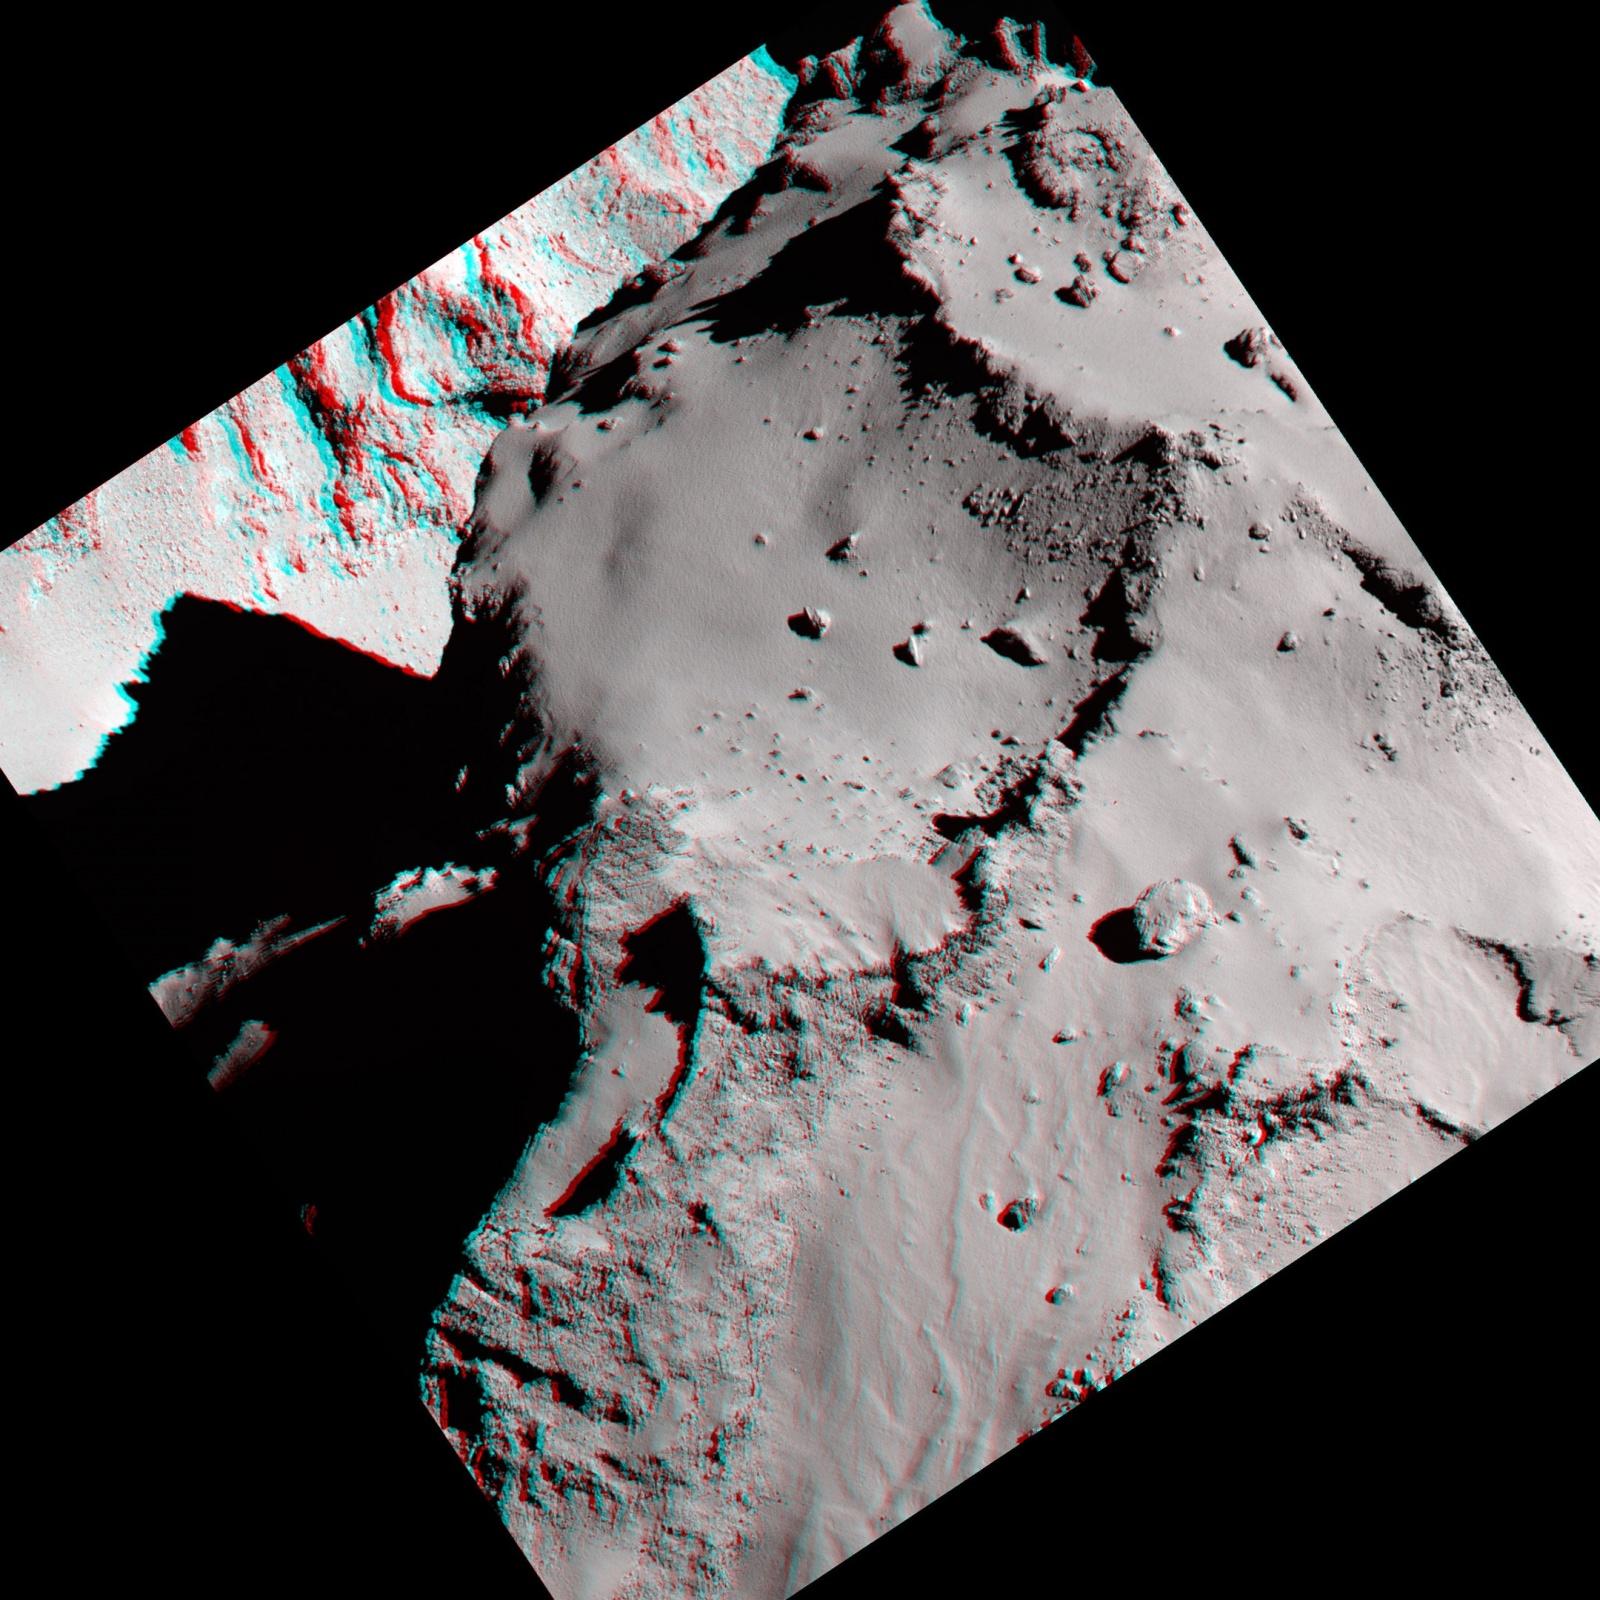 Космическое агентство ESA выложило в Сеть новые фотографии кометы Чурюмова-Герасименко - 6